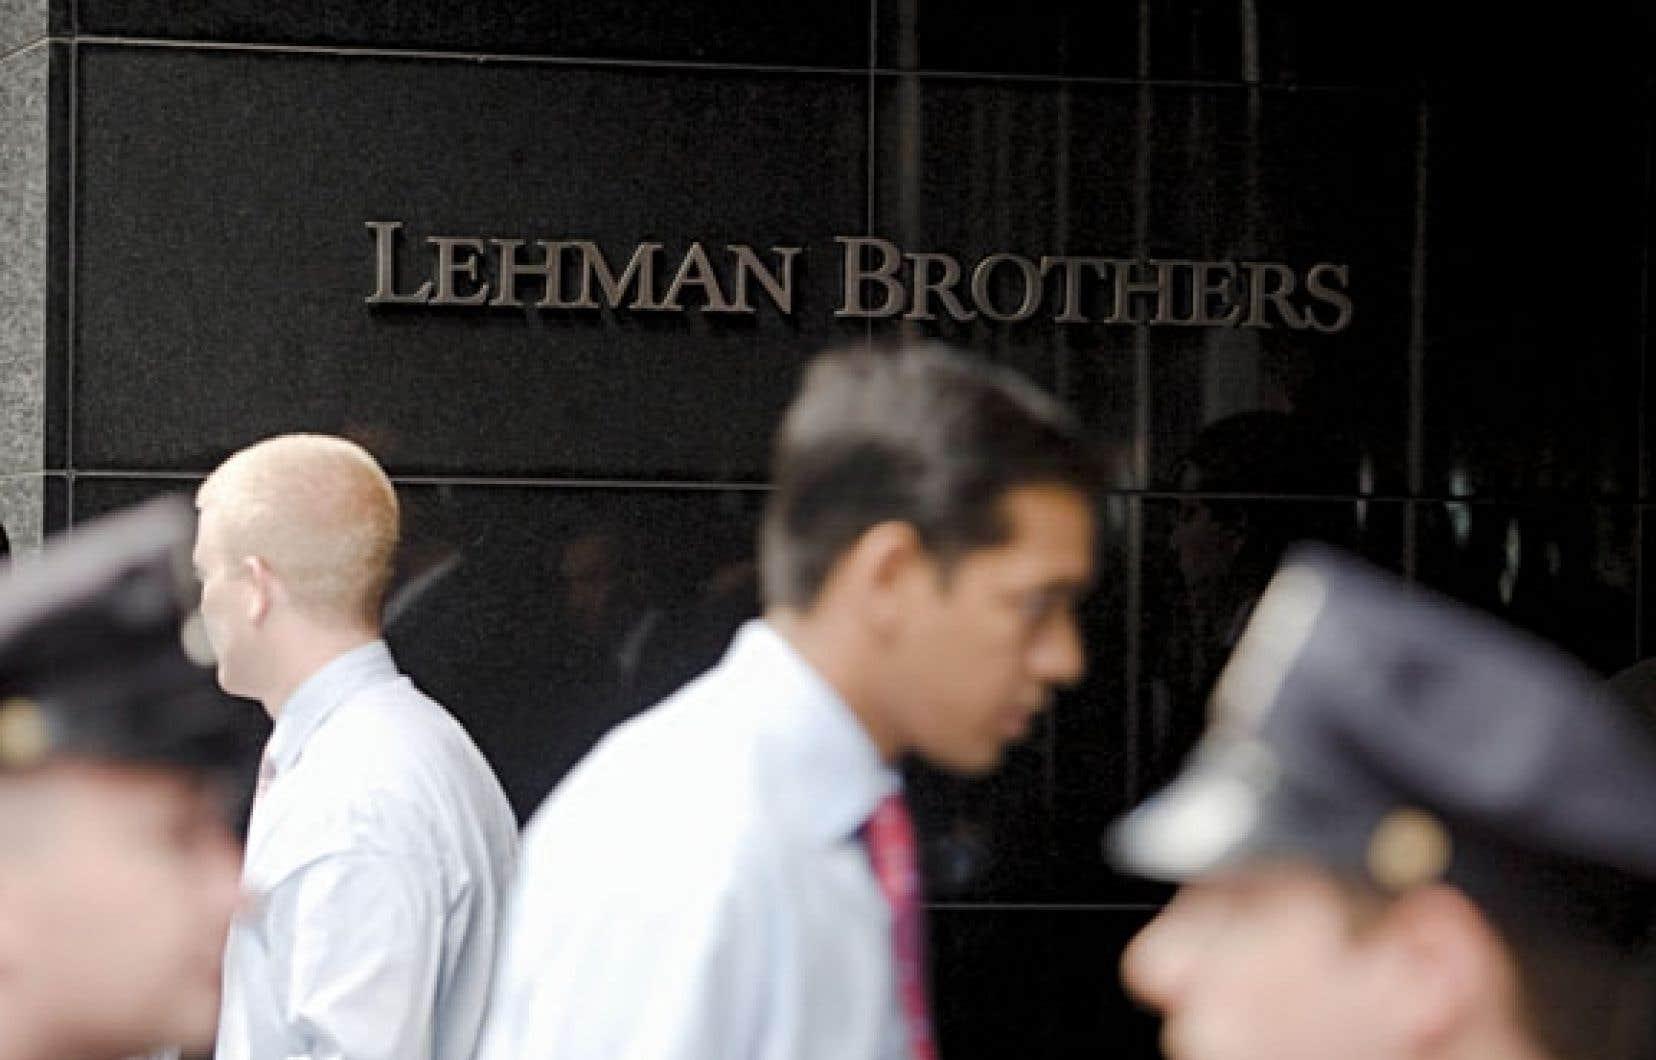 La faillite de Lehman Brothers a entraîné une crise financière et économique dans une bonne partie du monde.